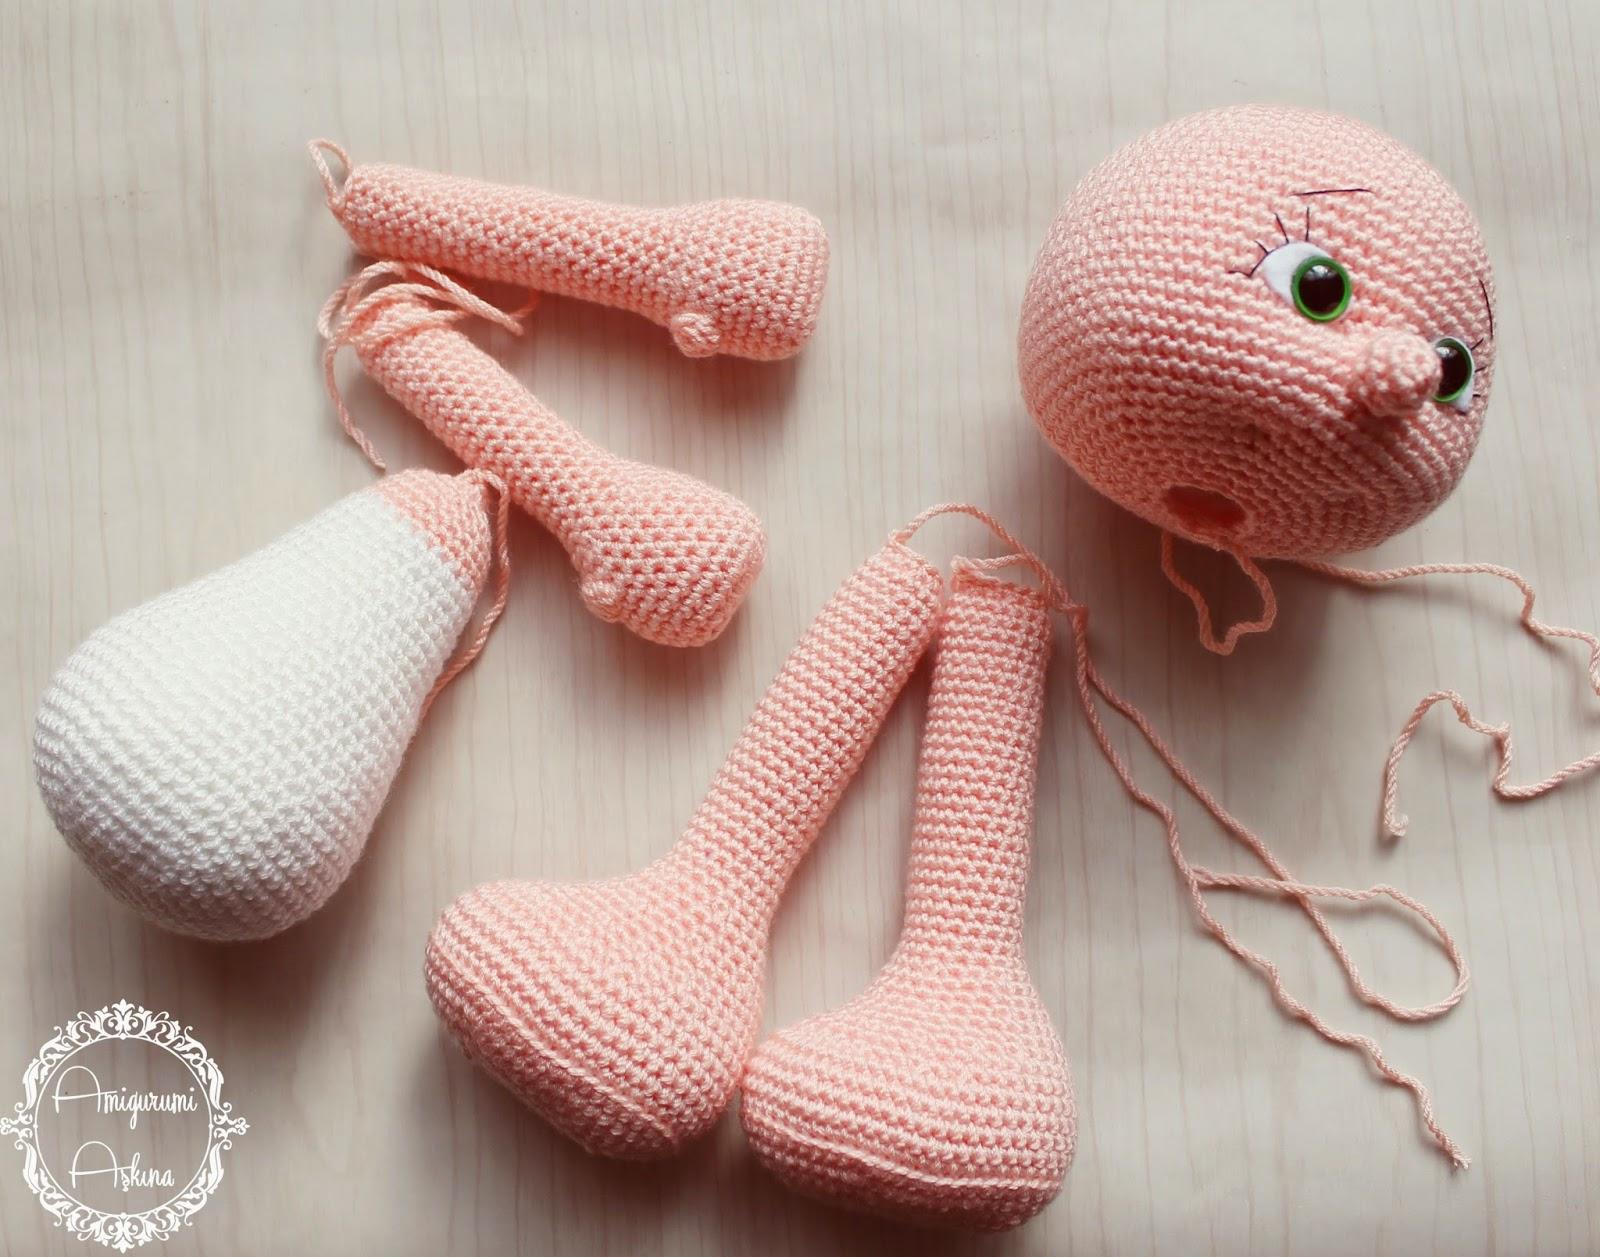 Amigurumi : Crochet amigurumi petits pixels